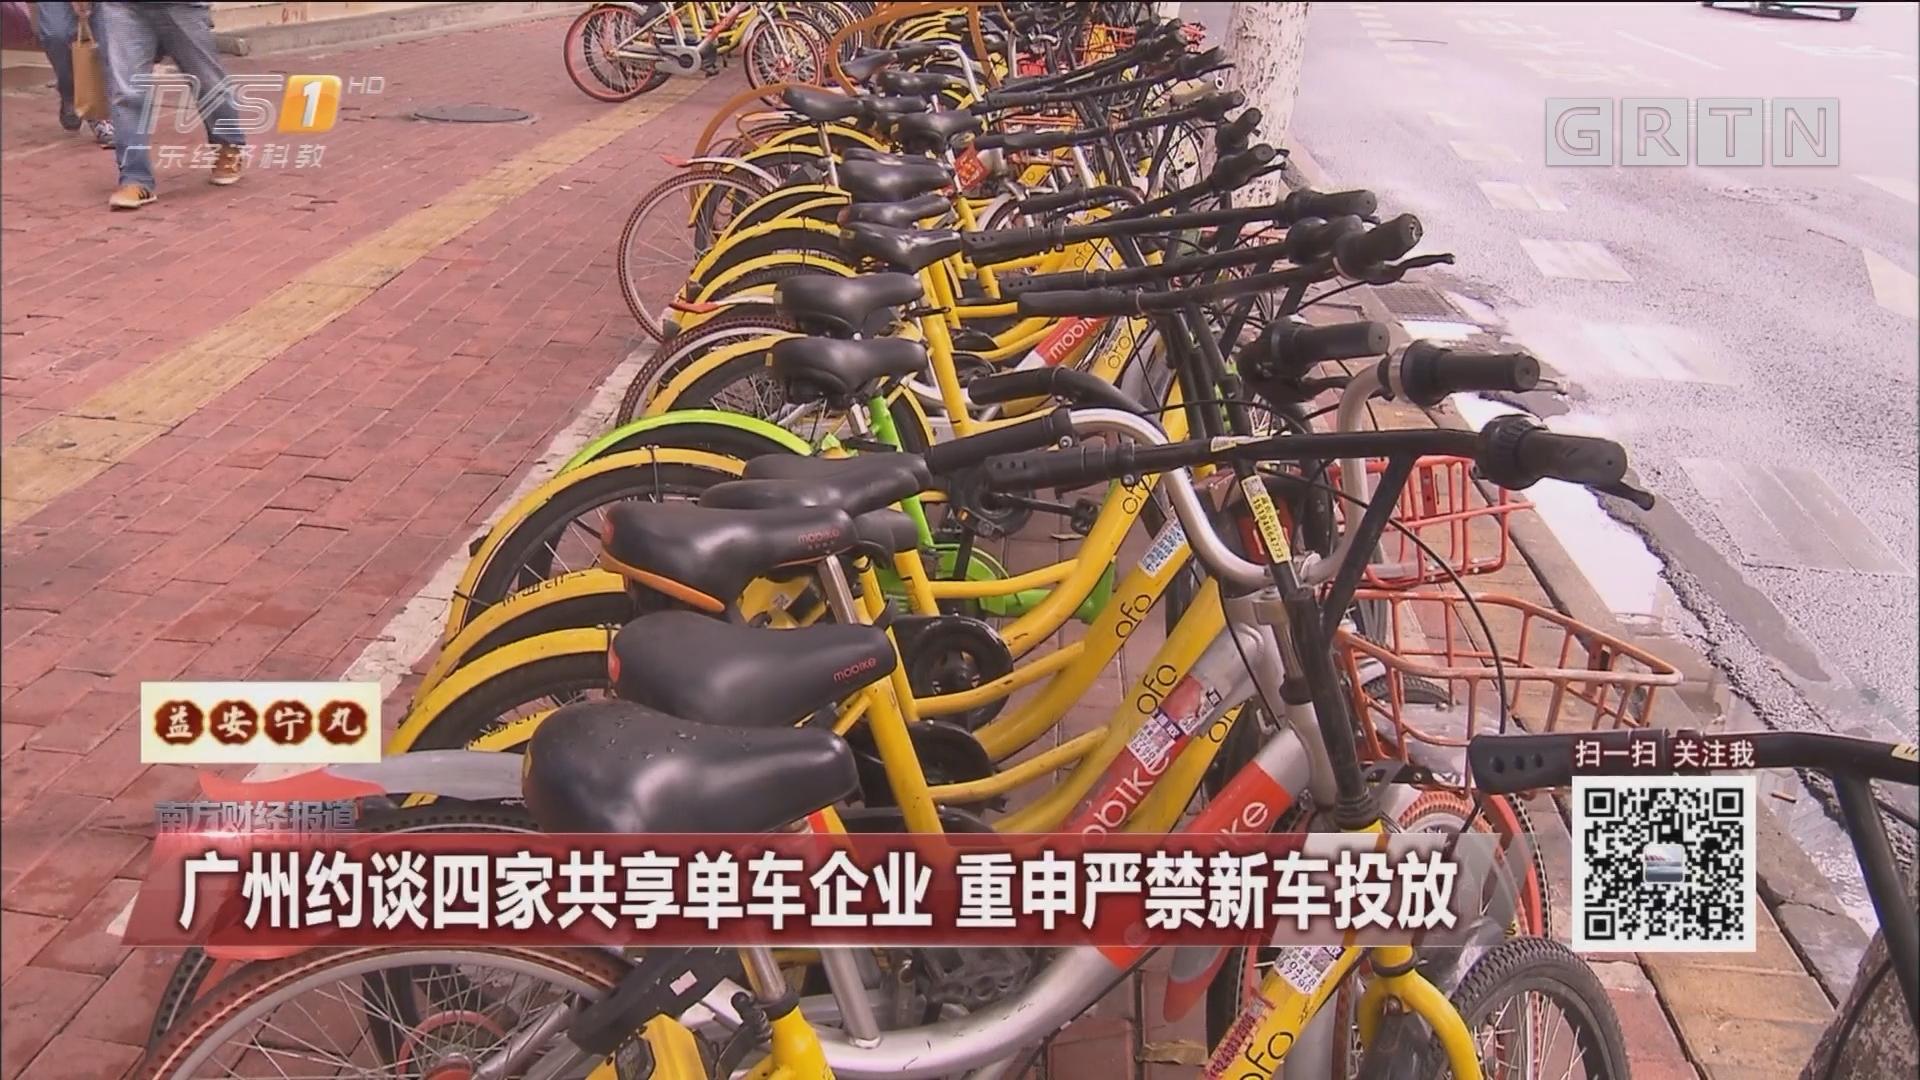 广州约谈四家共享单车企业 重申严禁新车投放